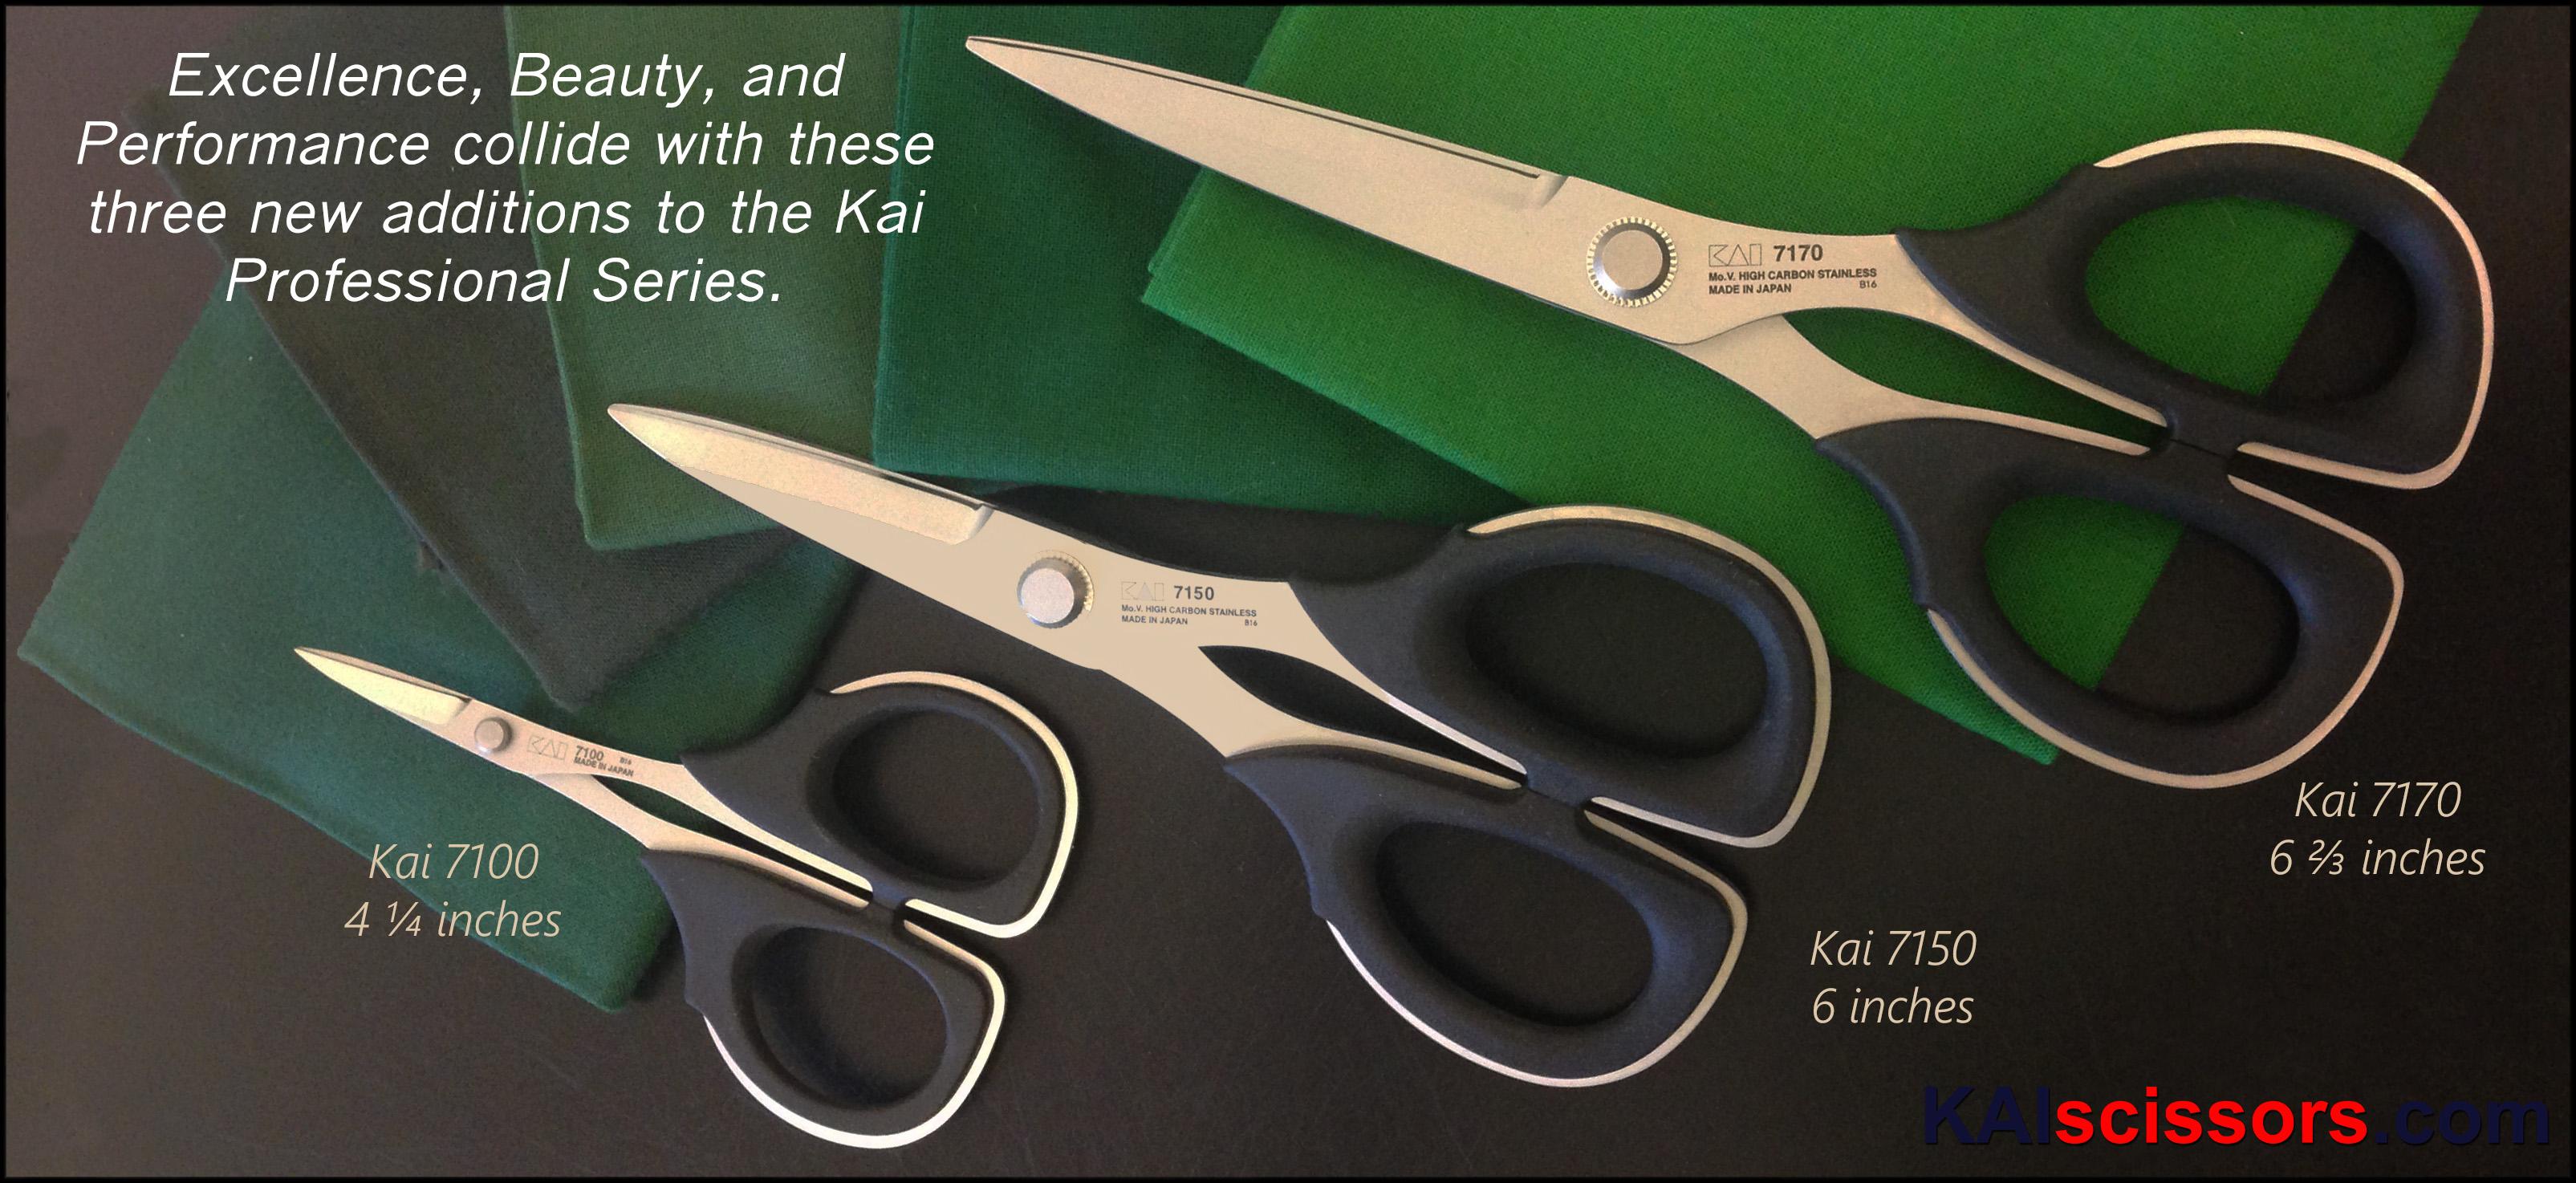 Kai Scissors Quilting And Sewing Scissors